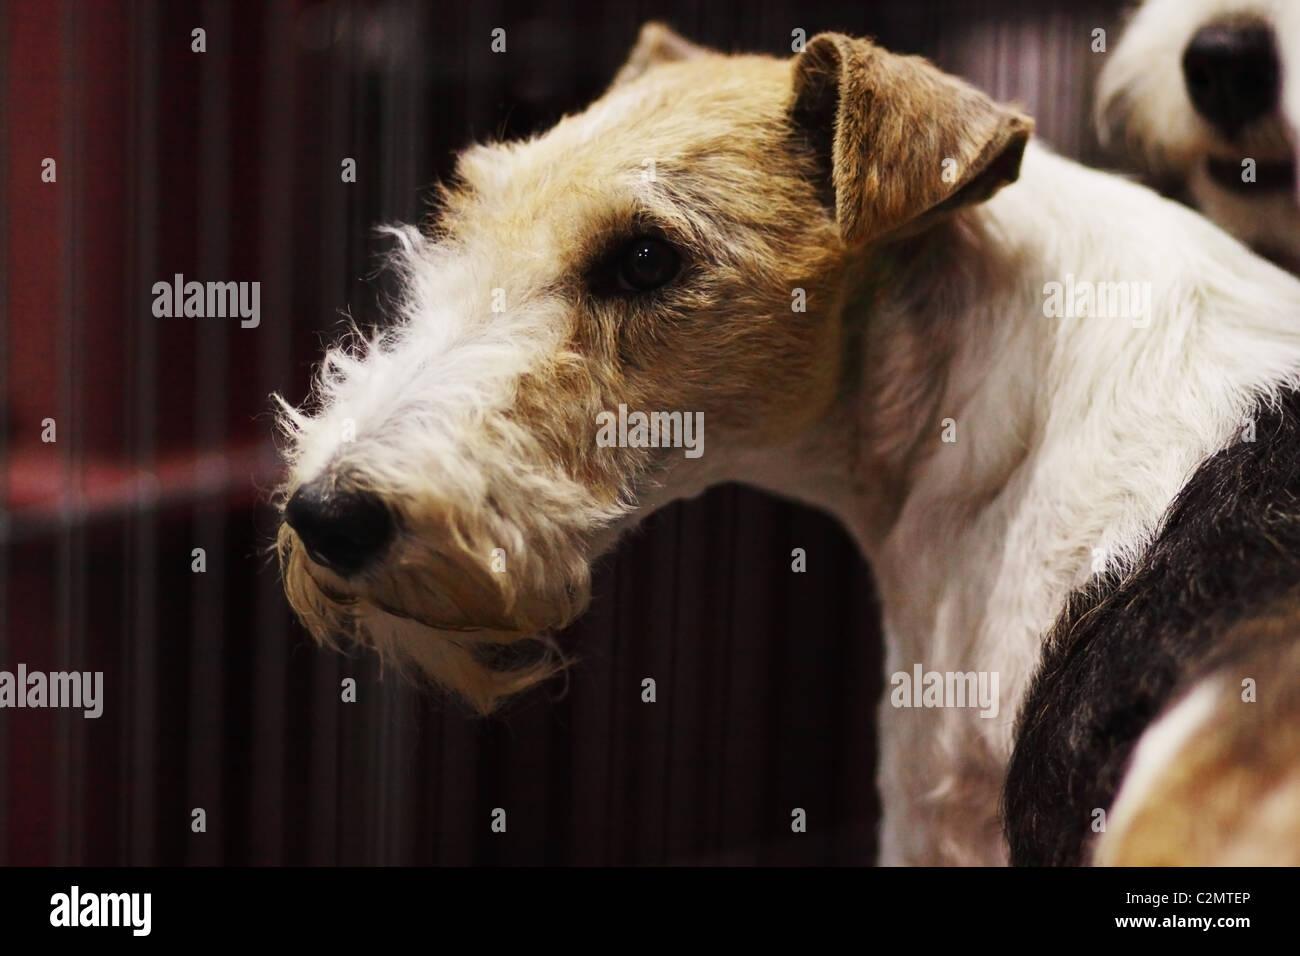 Fox Terrier Stockfotos & Fox Terrier Bilder - Seite 2 - Alamy